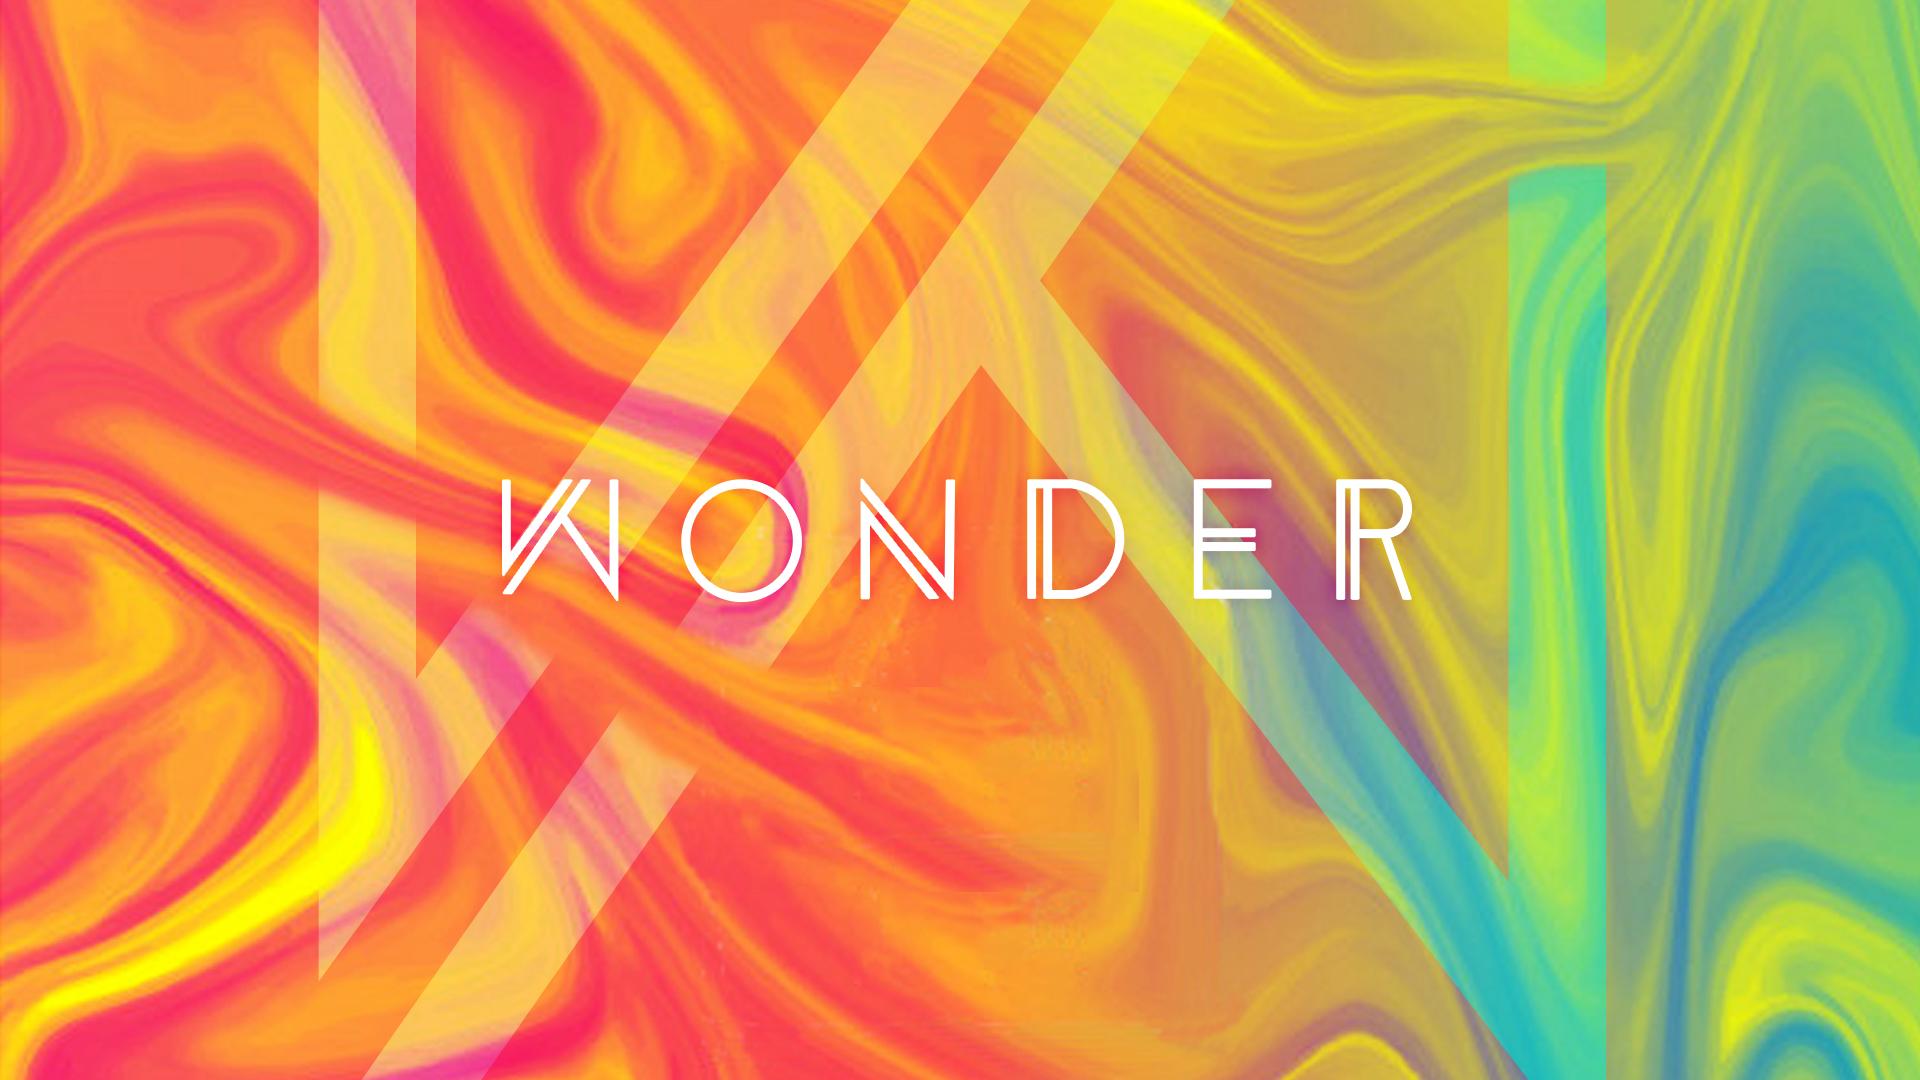 wonder_screen.jpg